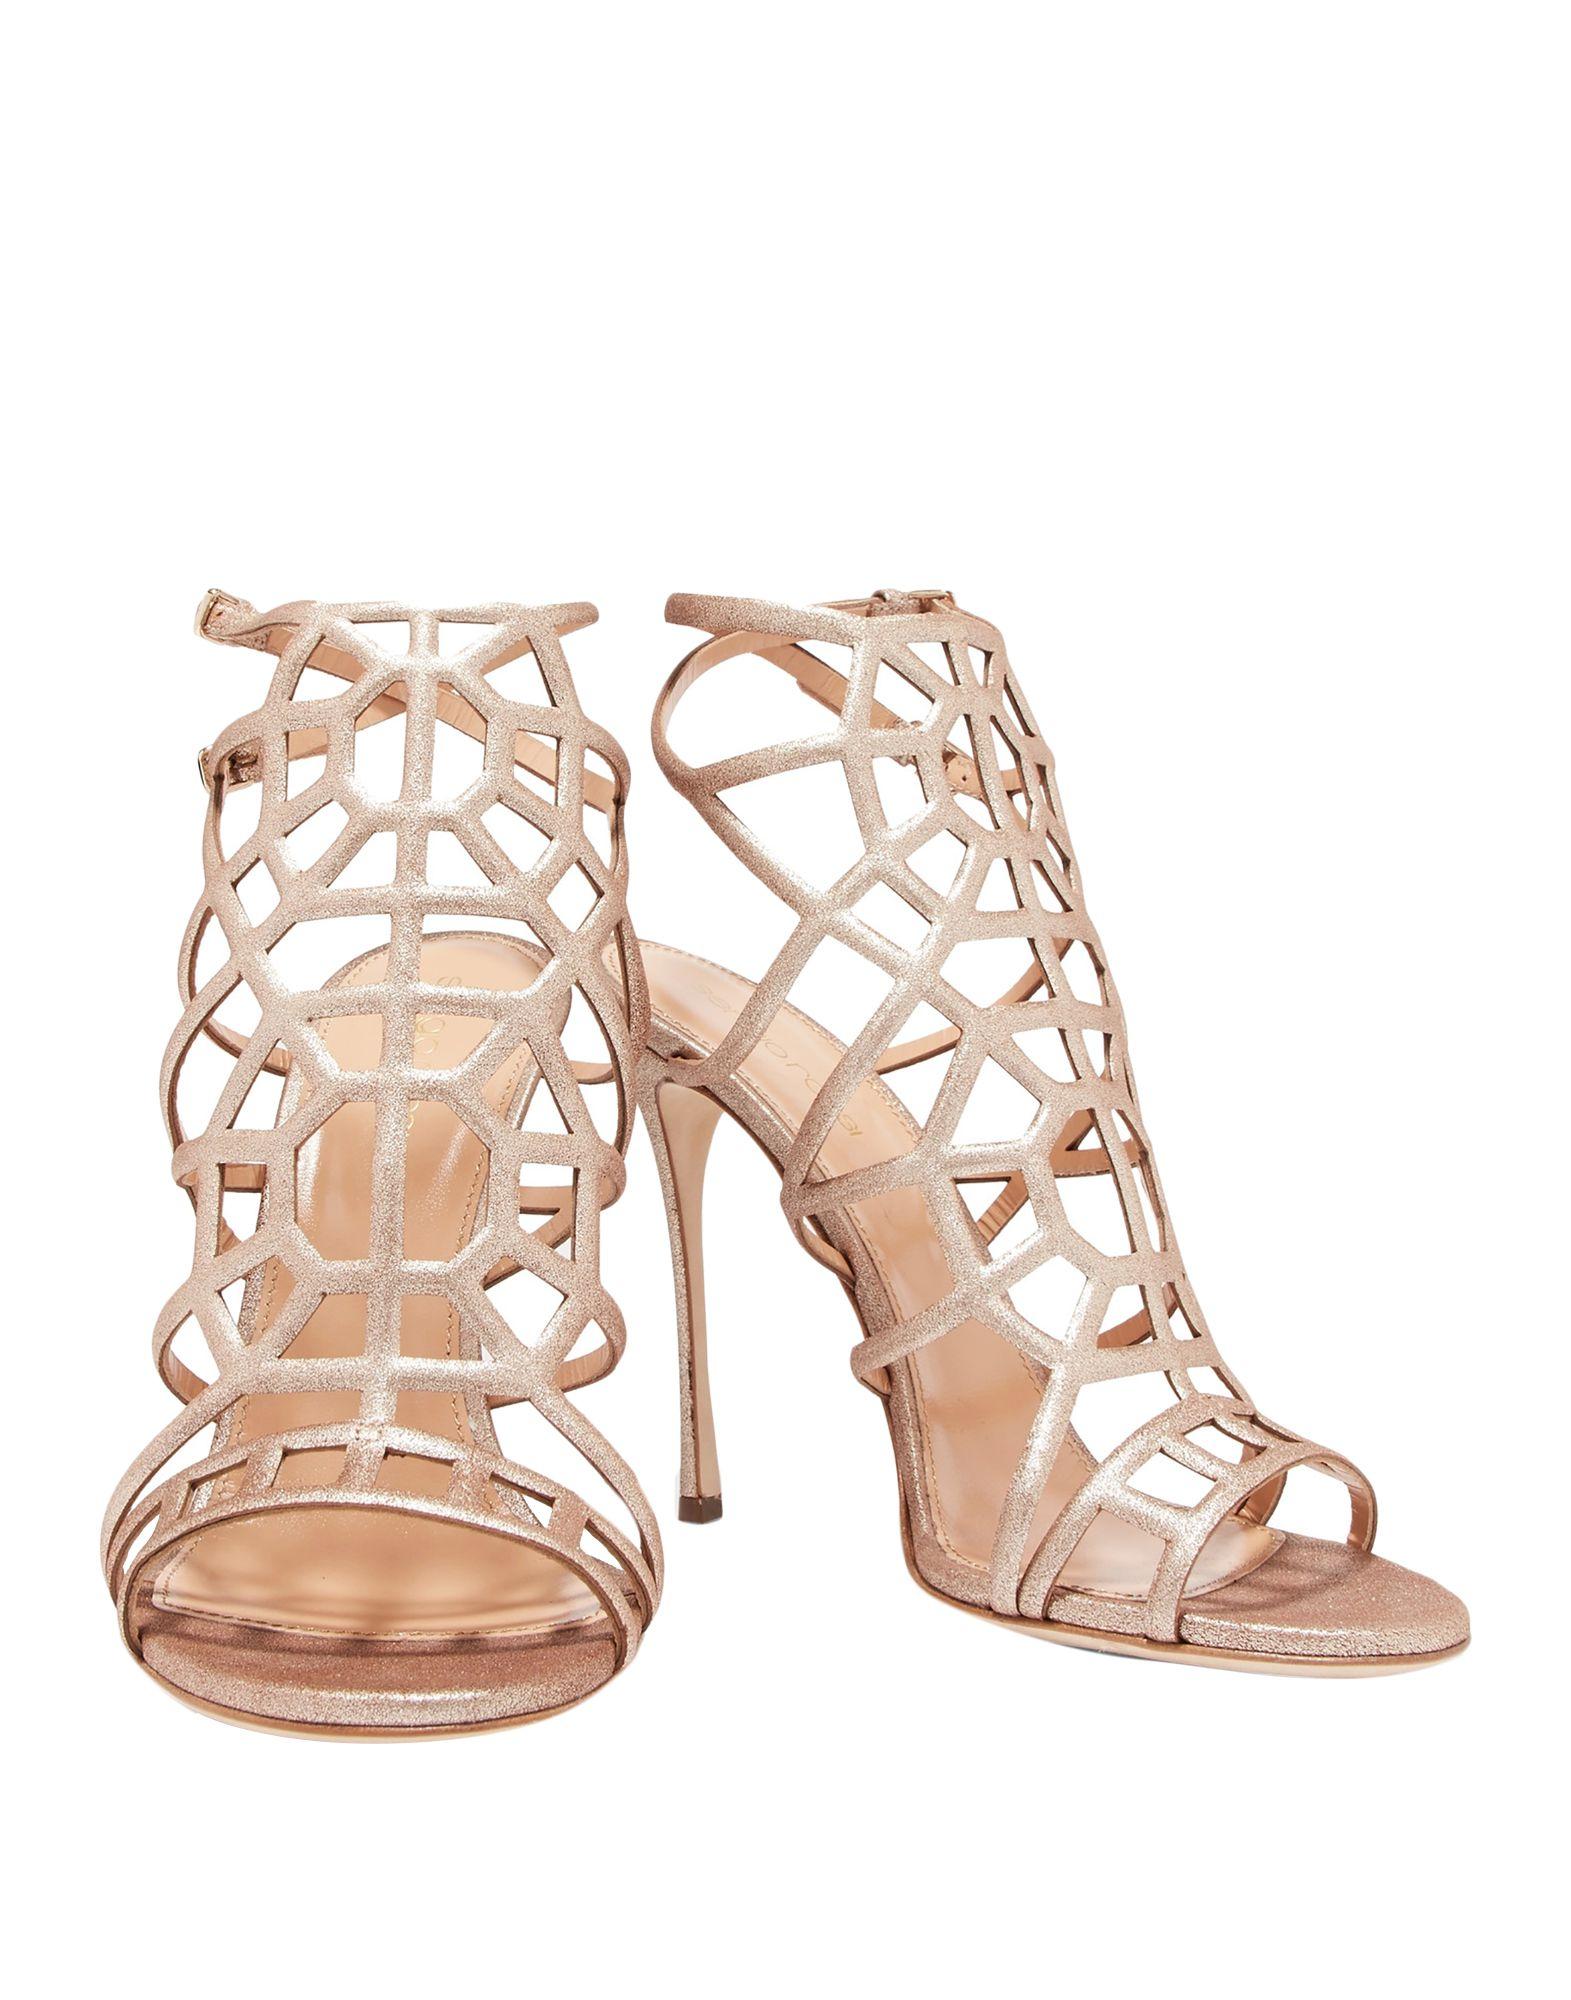 Sergio Rossi Sandalen Damen  Schuhe 11553499COGünstige gut aussehende Schuhe  05505a